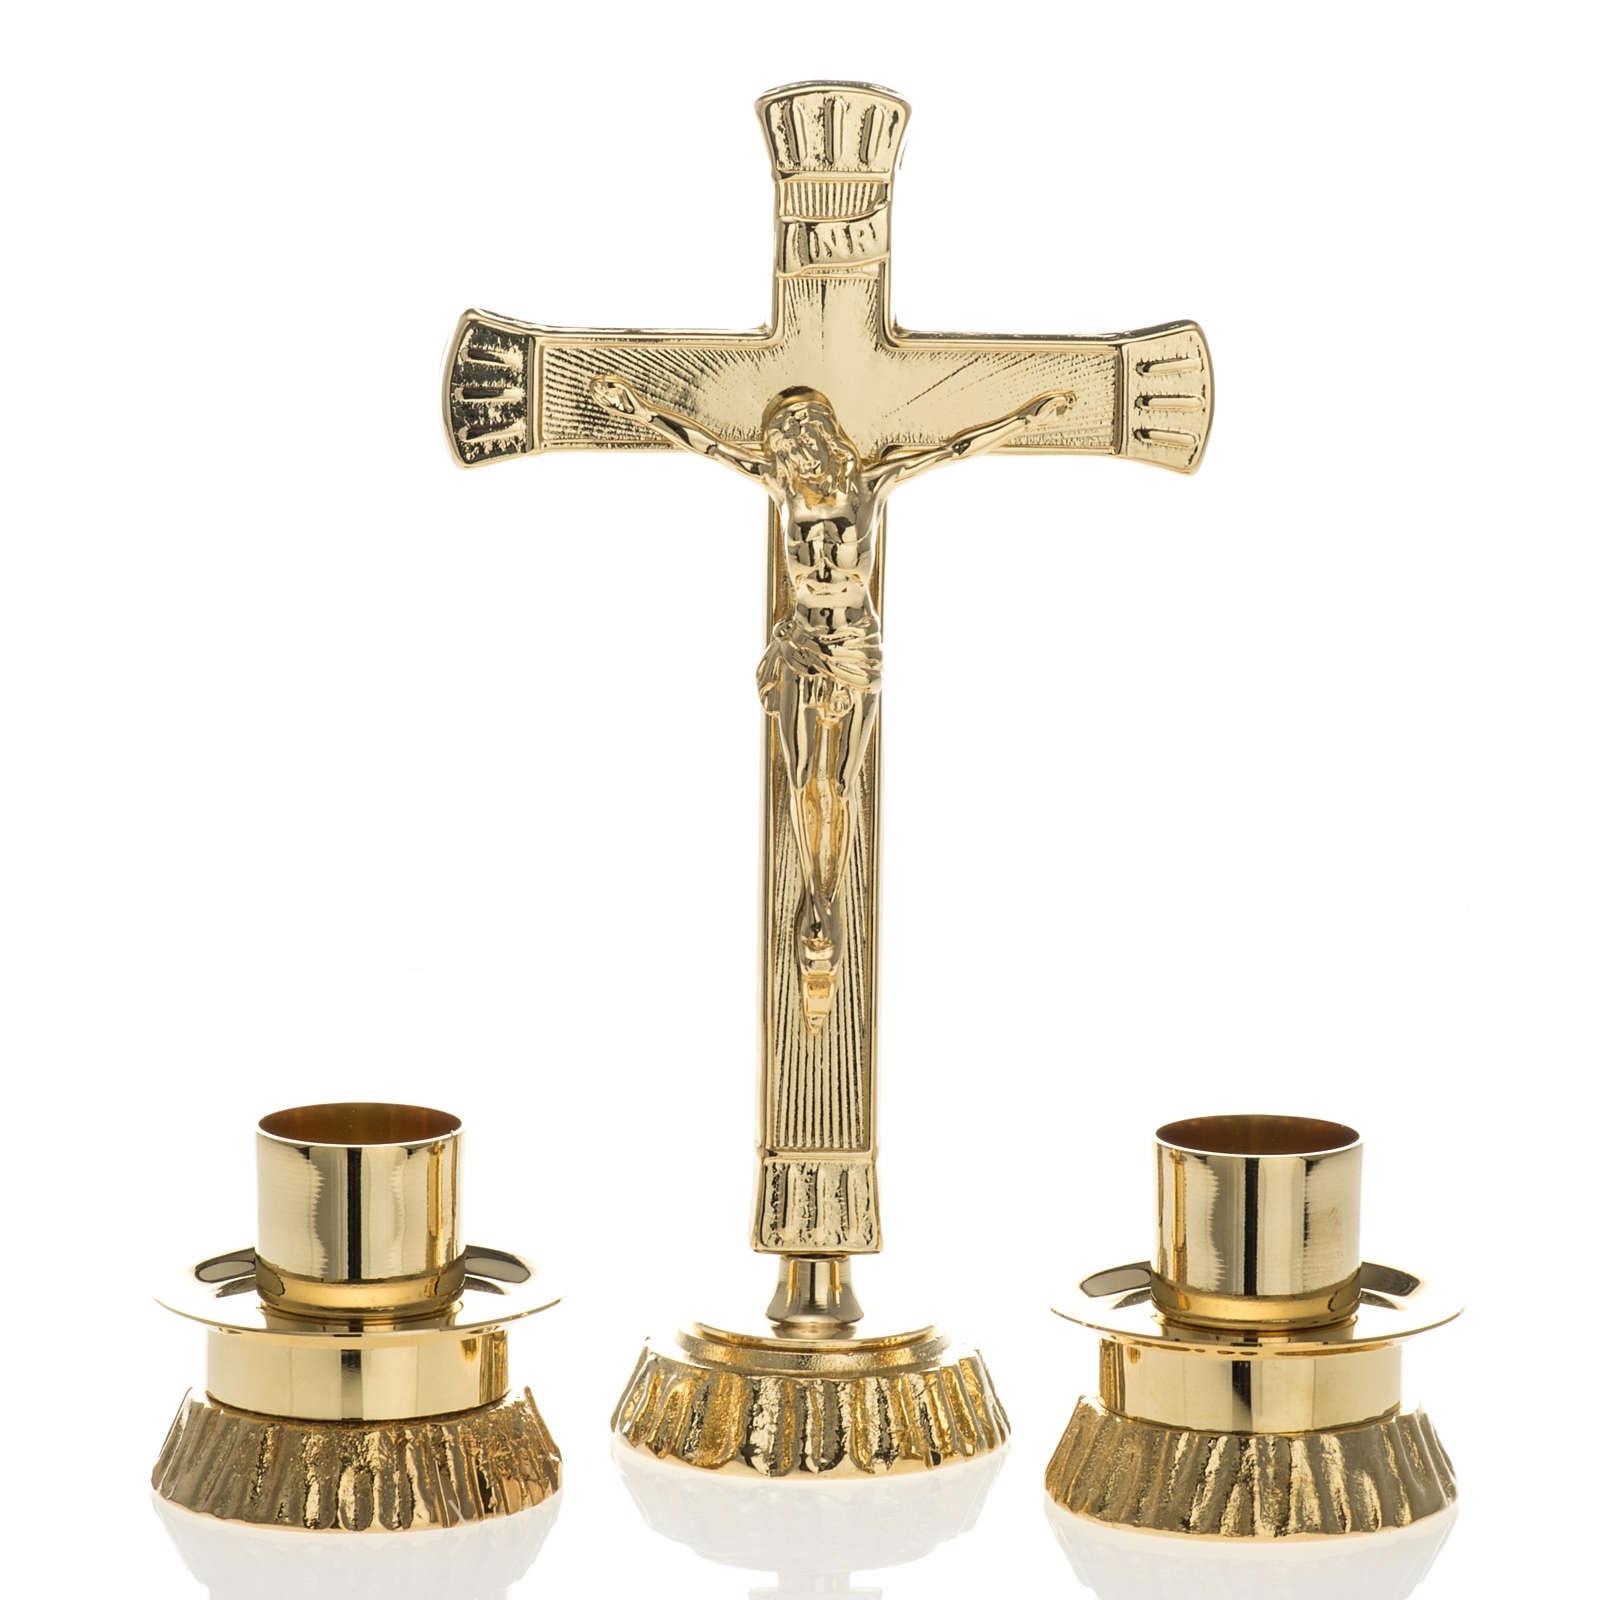 Completo para altar, candelabro de latón 4